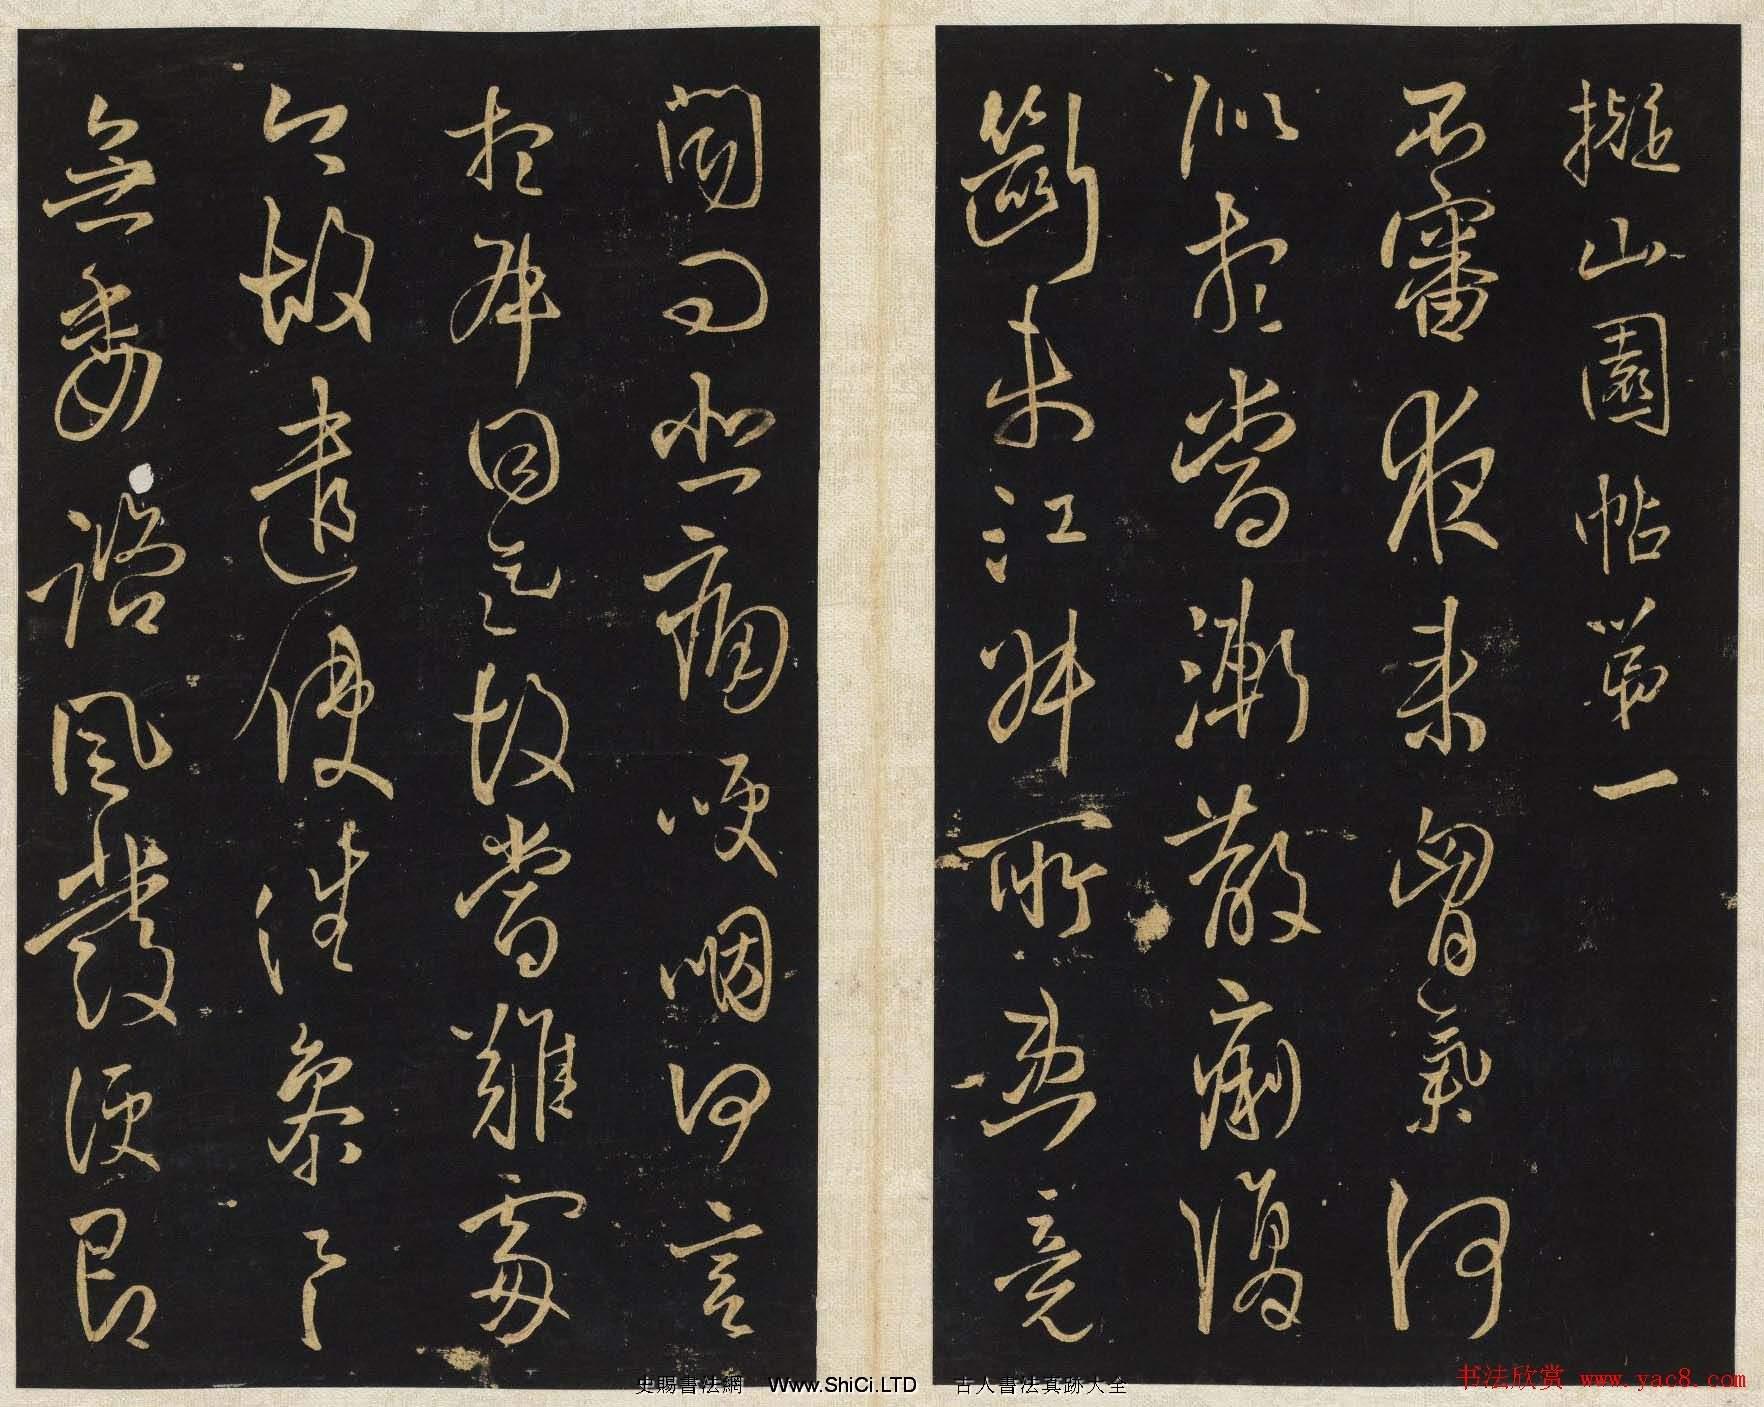 王鐸法帖真跡欣賞《擬山園帖》第一、二卷大圖(共46張圖片)